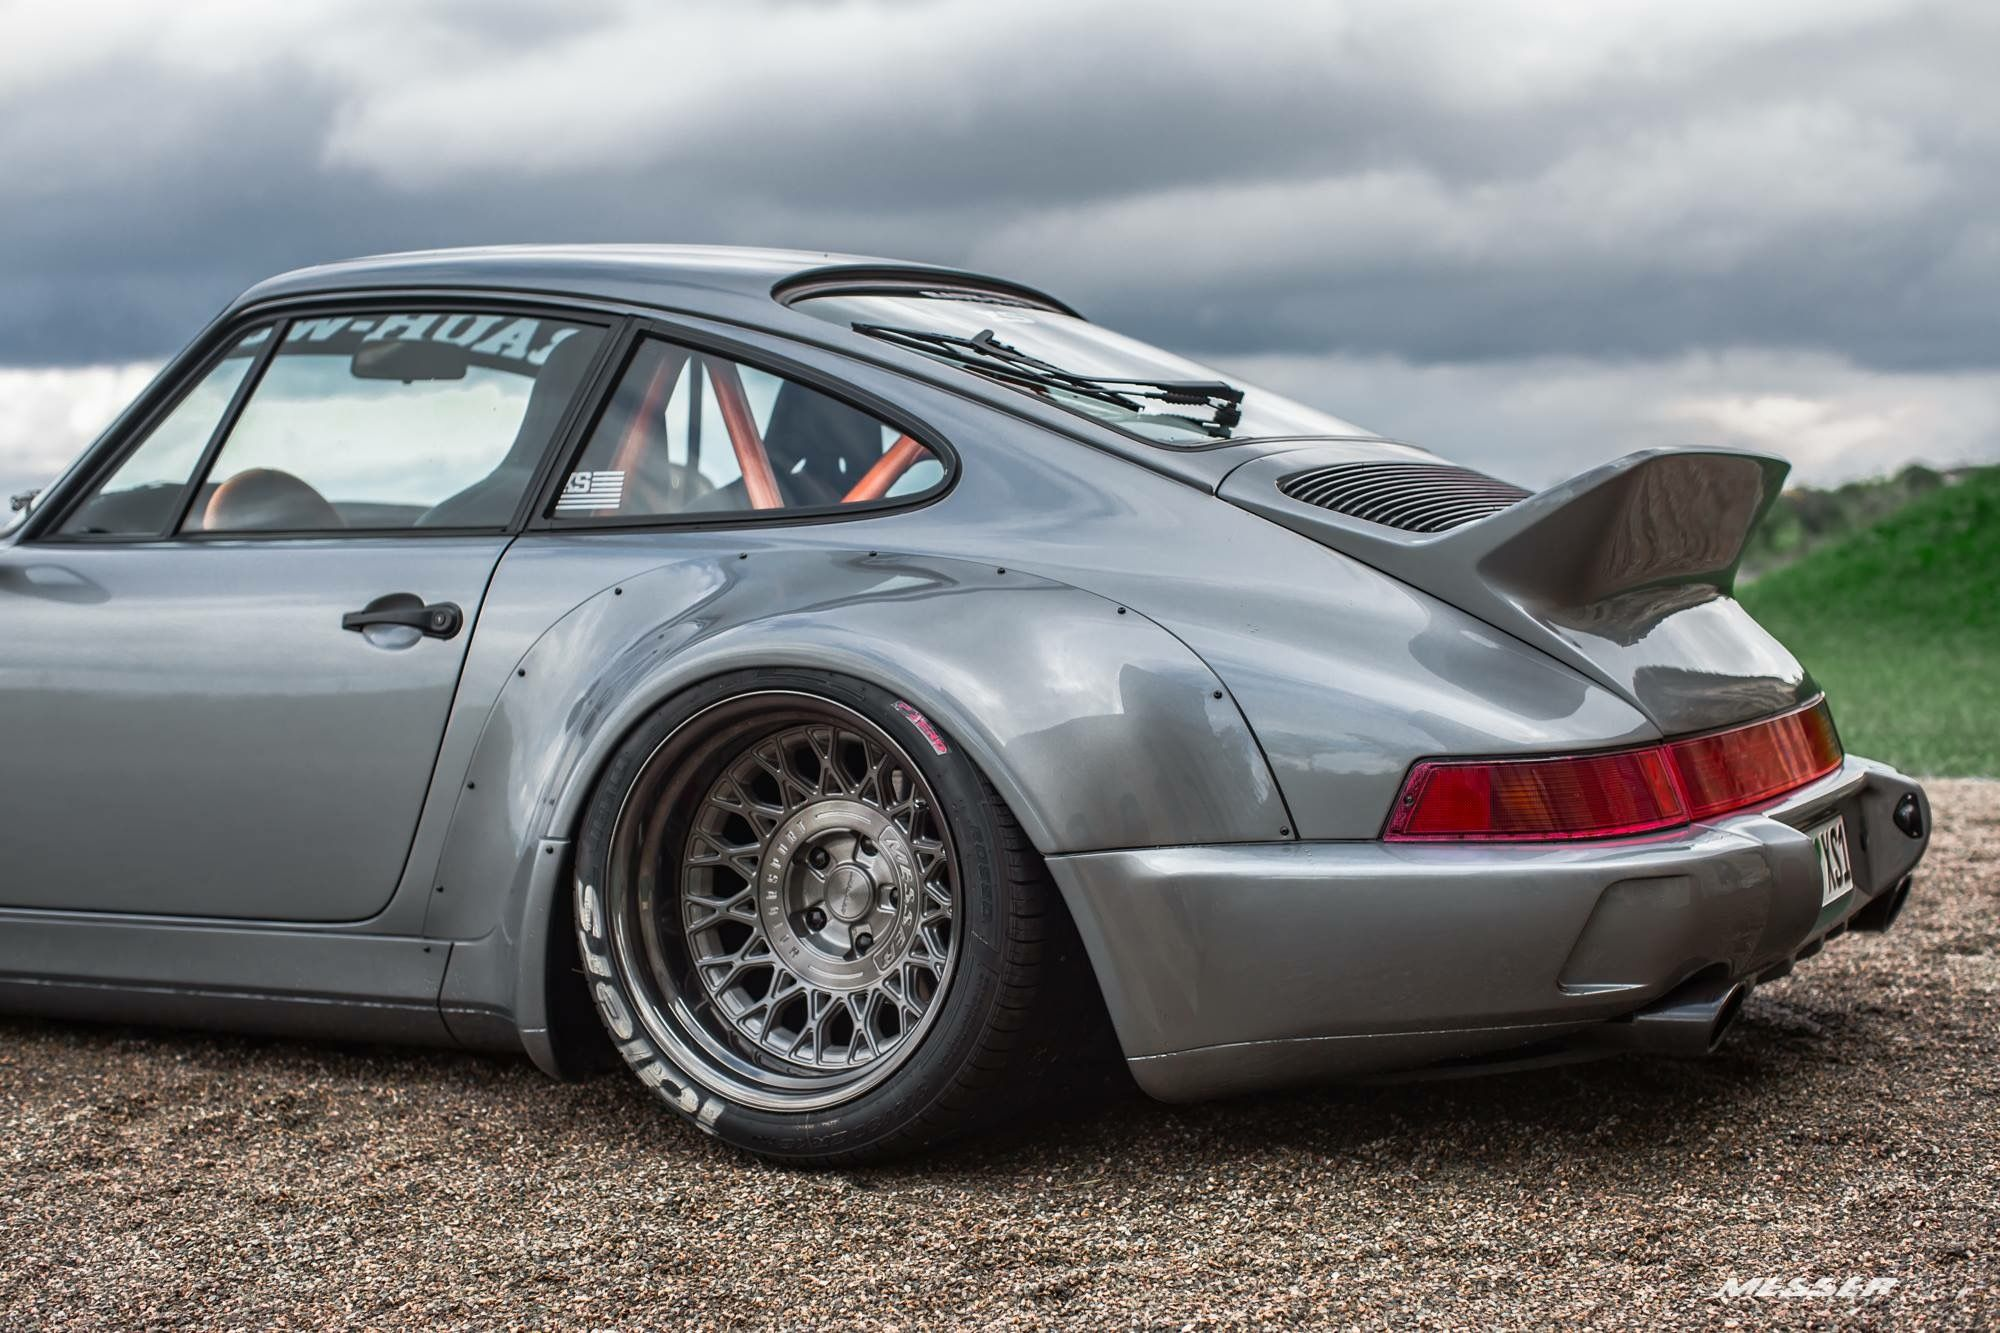 #Porsche_964 #RWB #Messer_Wheels #WideBody #Slammed # ...